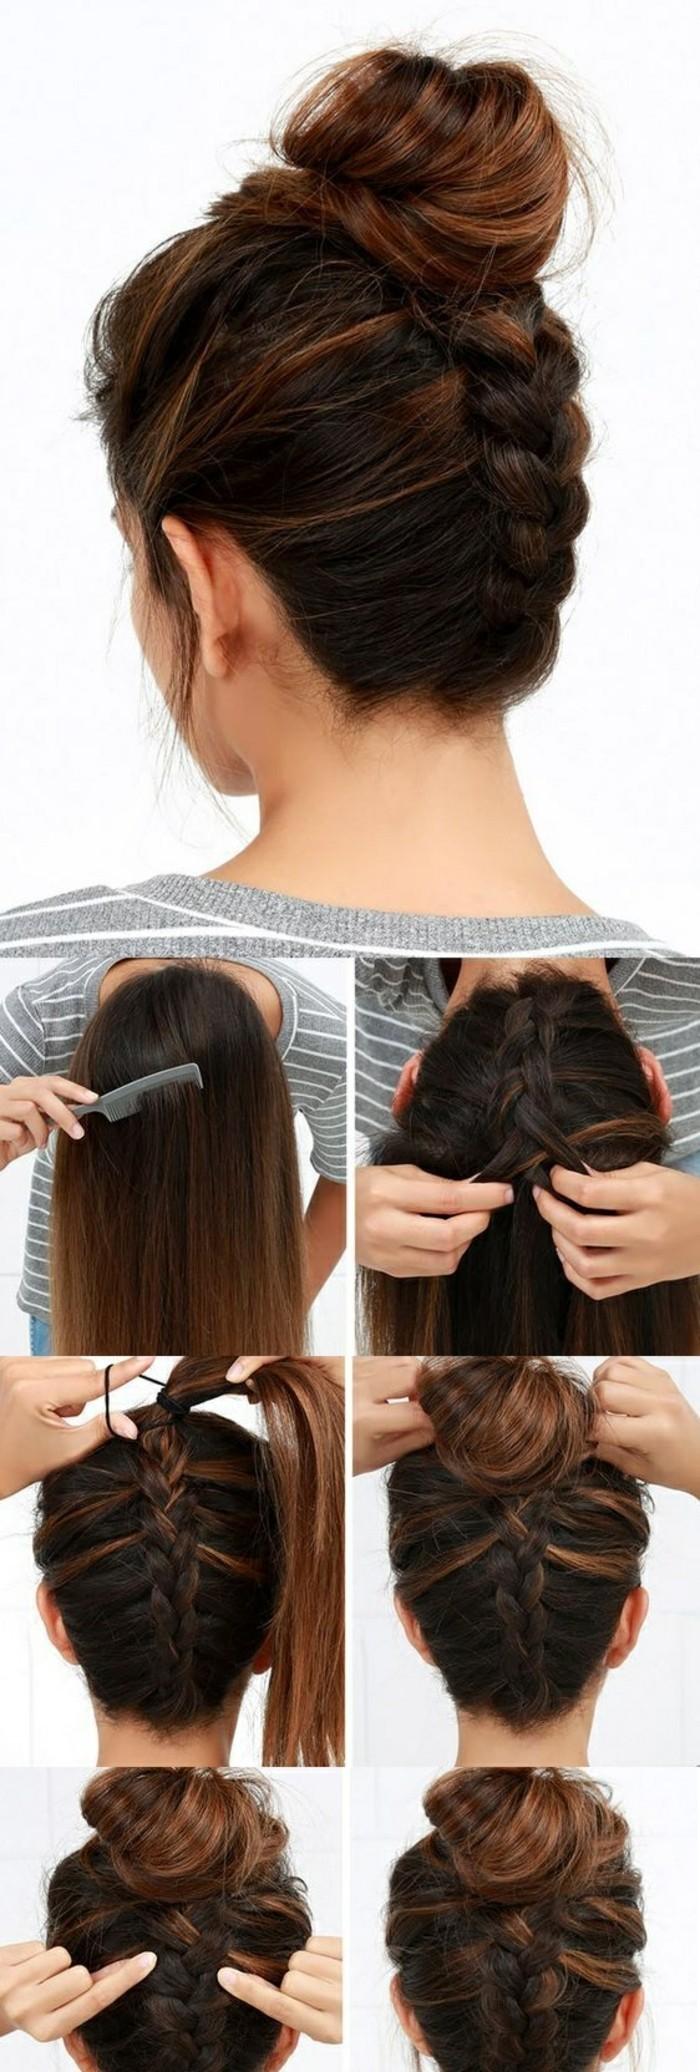 -frisuren-zum-selber-machen-dunkelbraune-lange-hochstecken-haare-zopf-binden-bluse-frau